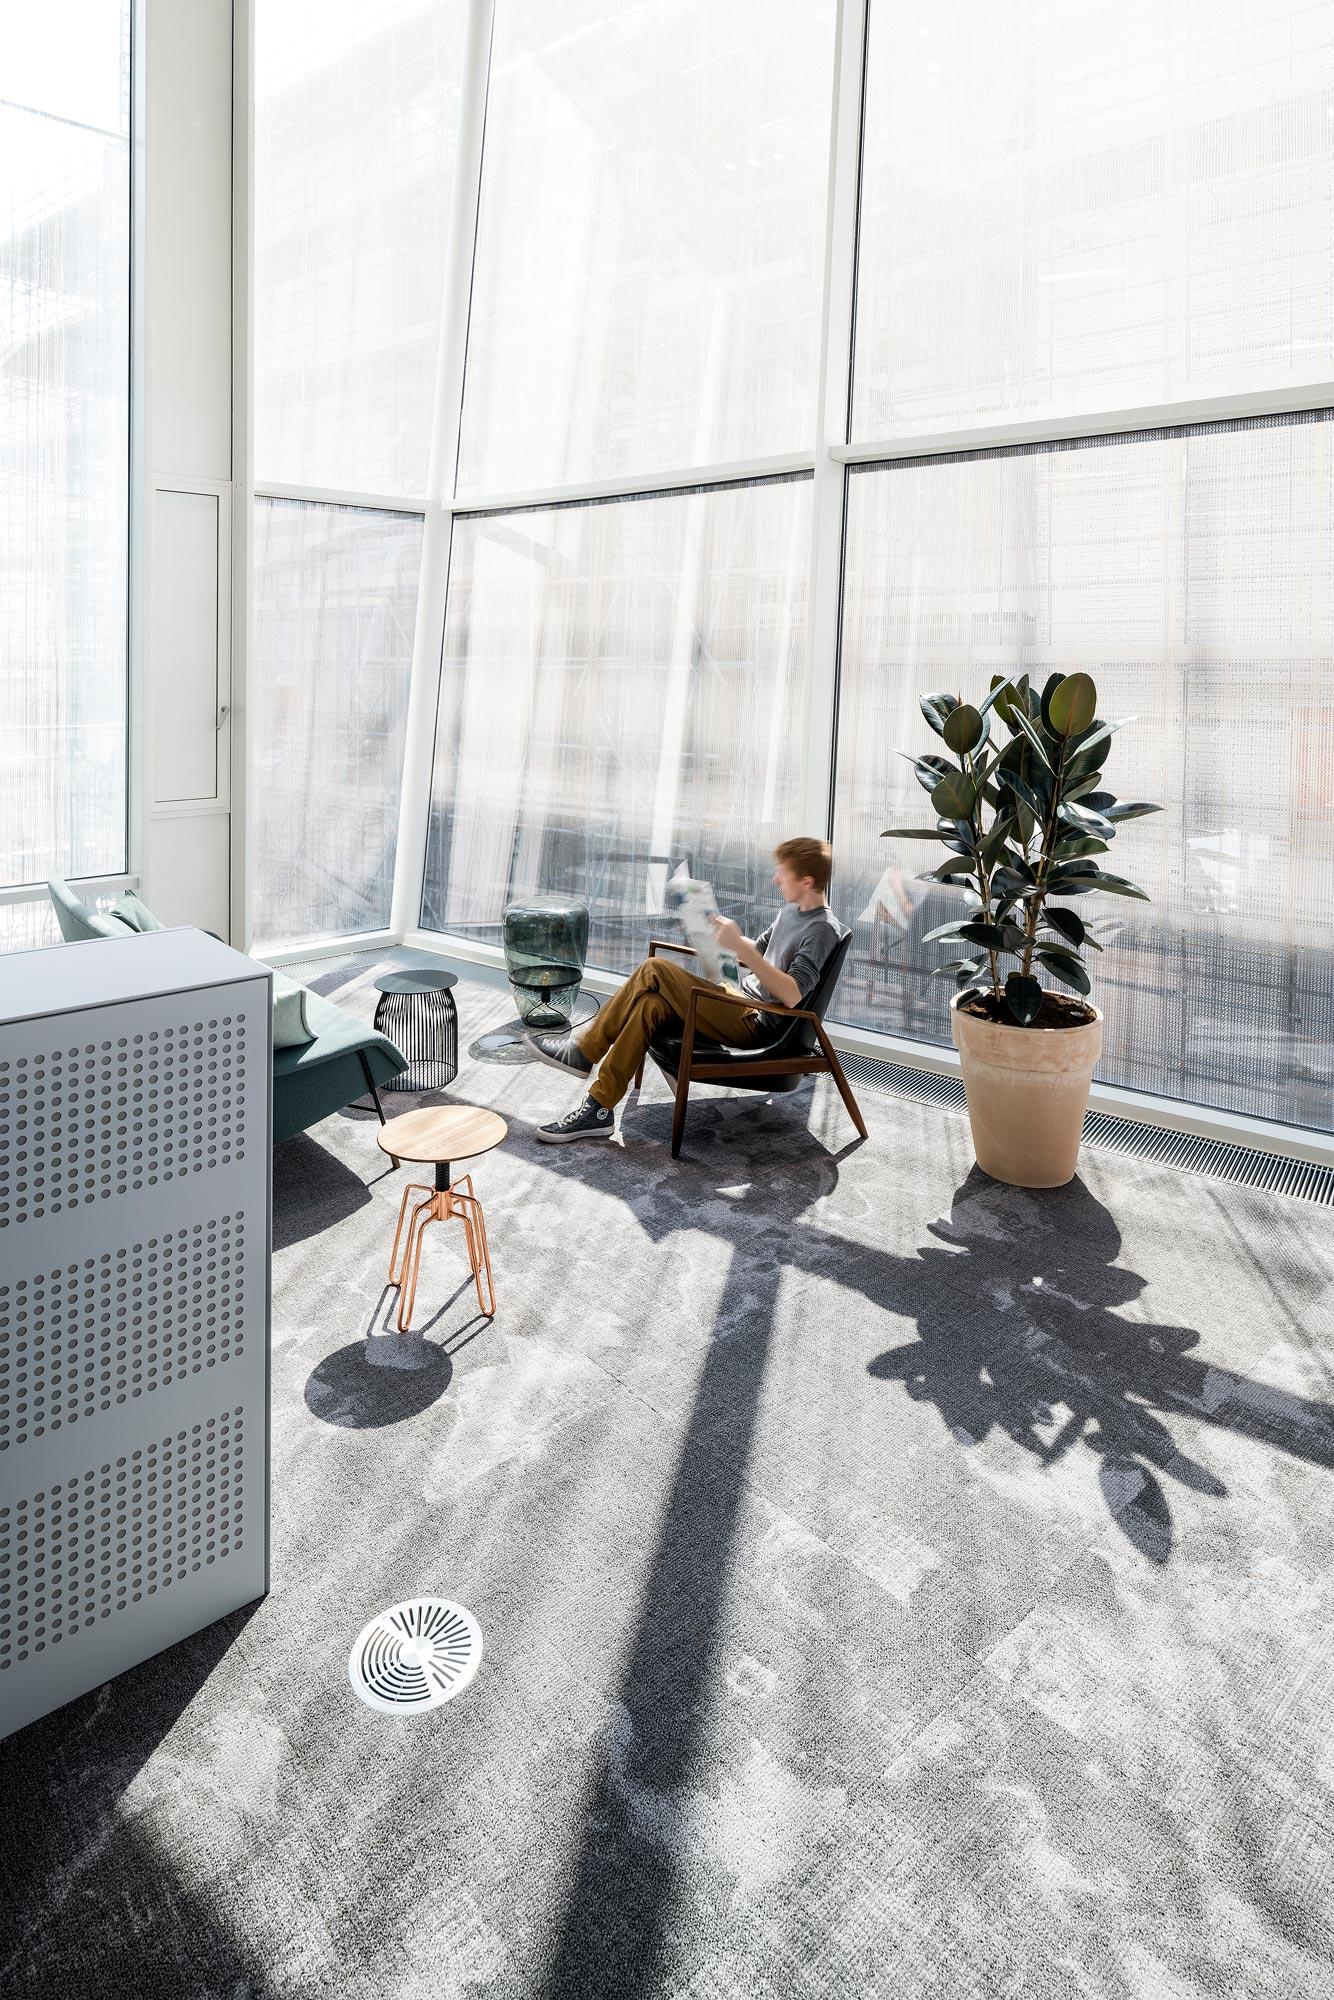 Amvest hoofdkantoor Amsterdam, door Chiel de Nooyer - interieurfotograaf